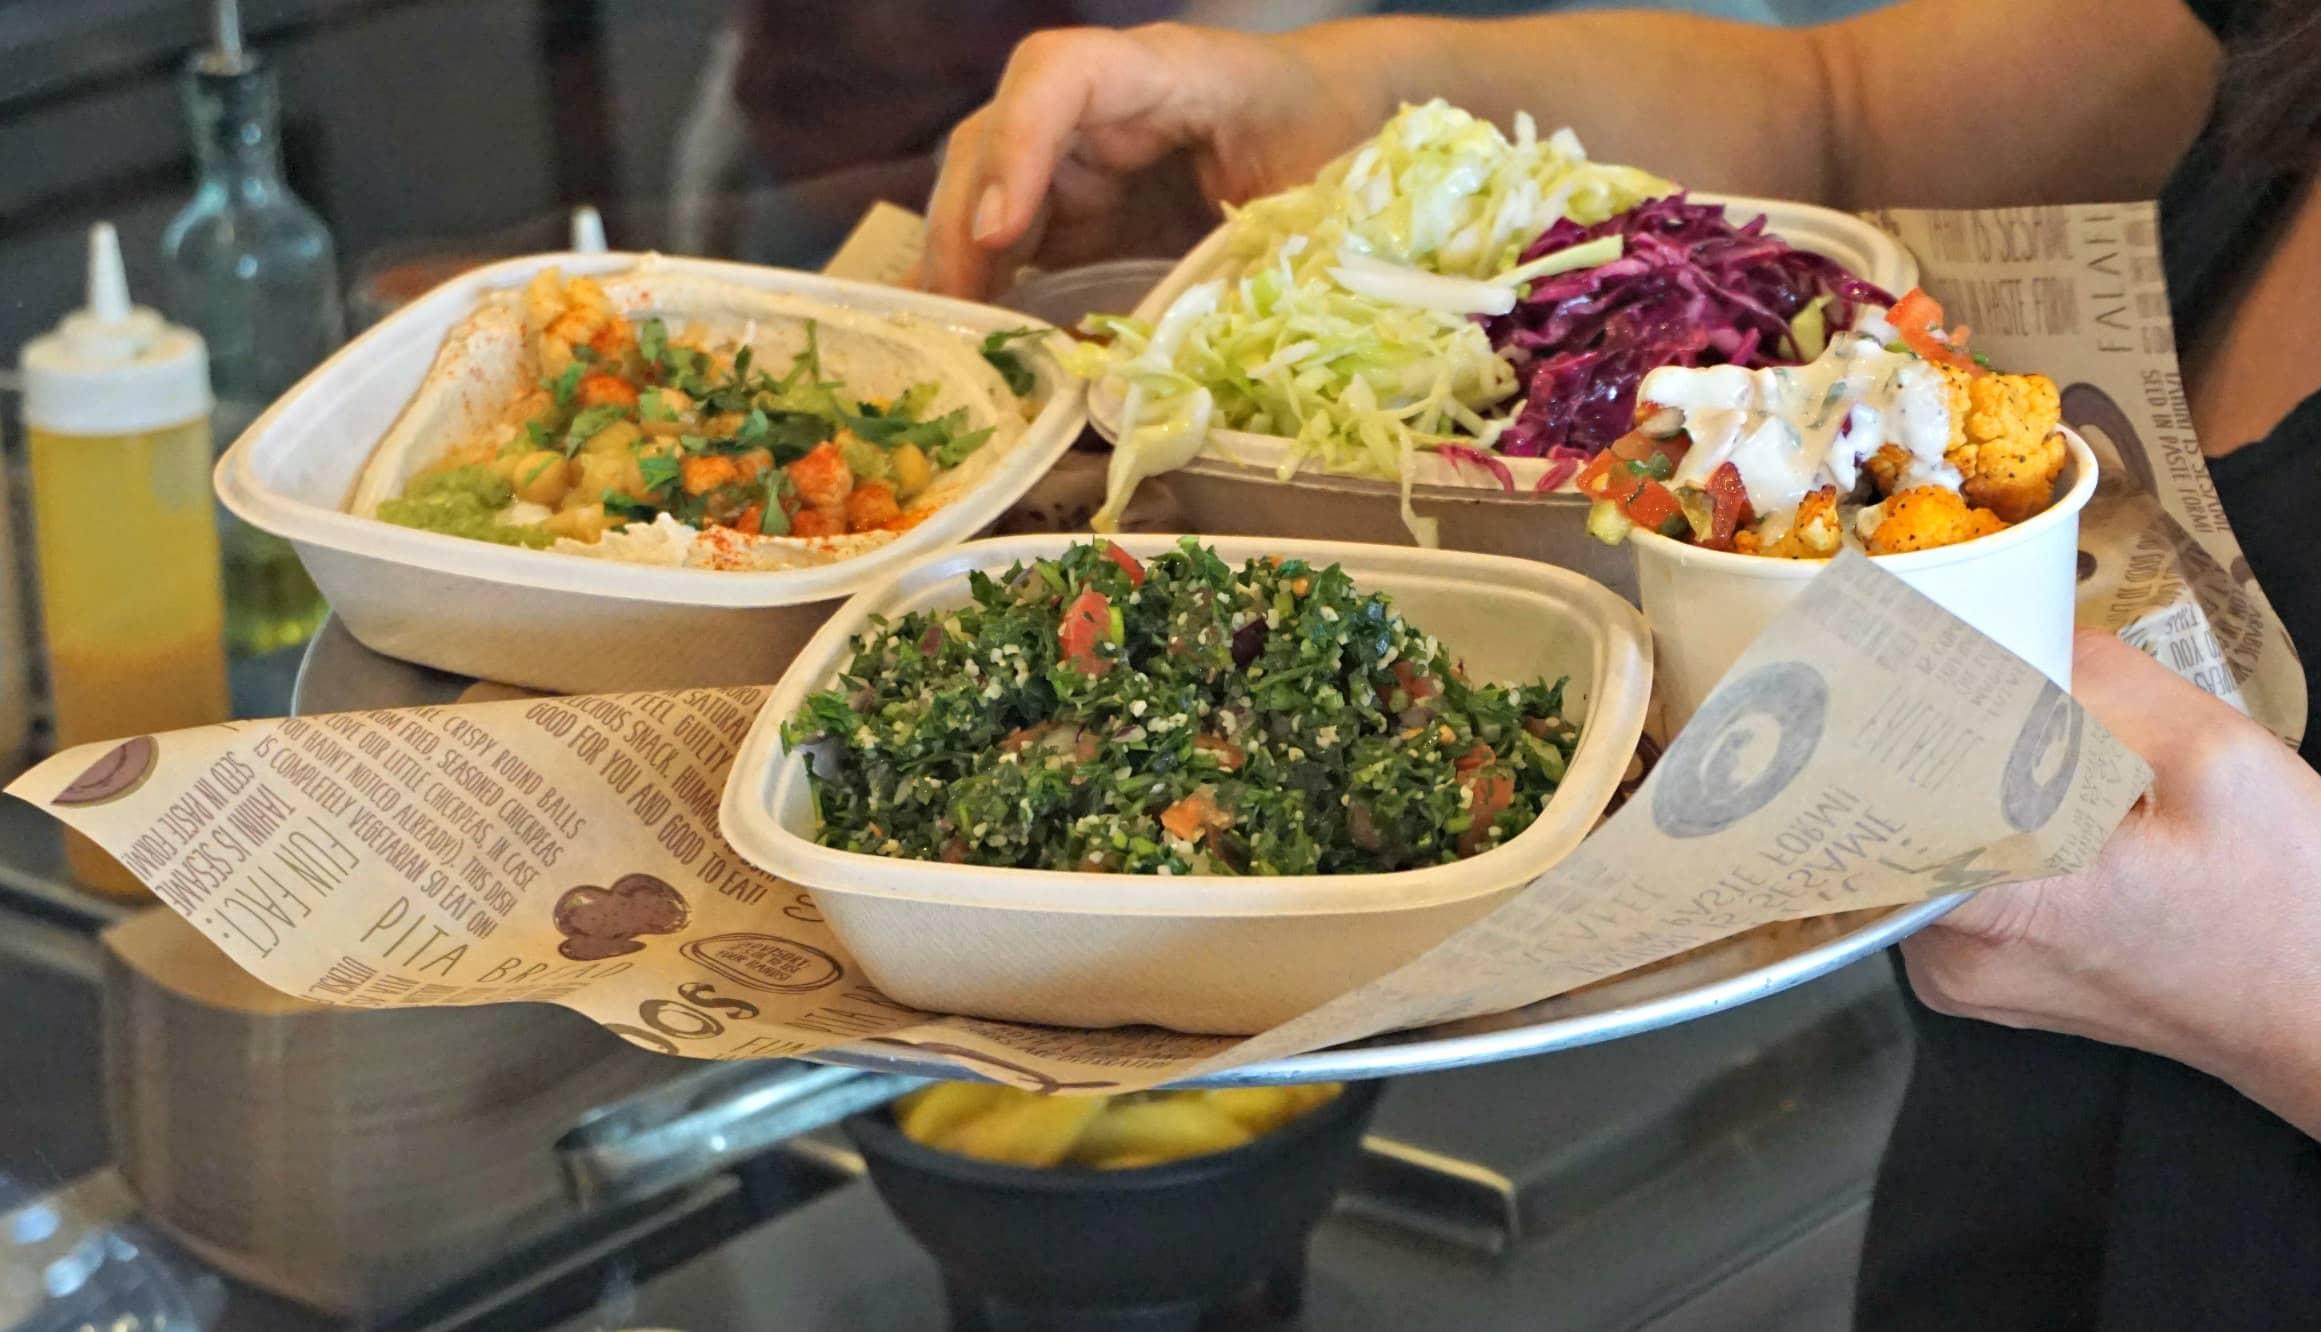 Soom Soom food tray upclose